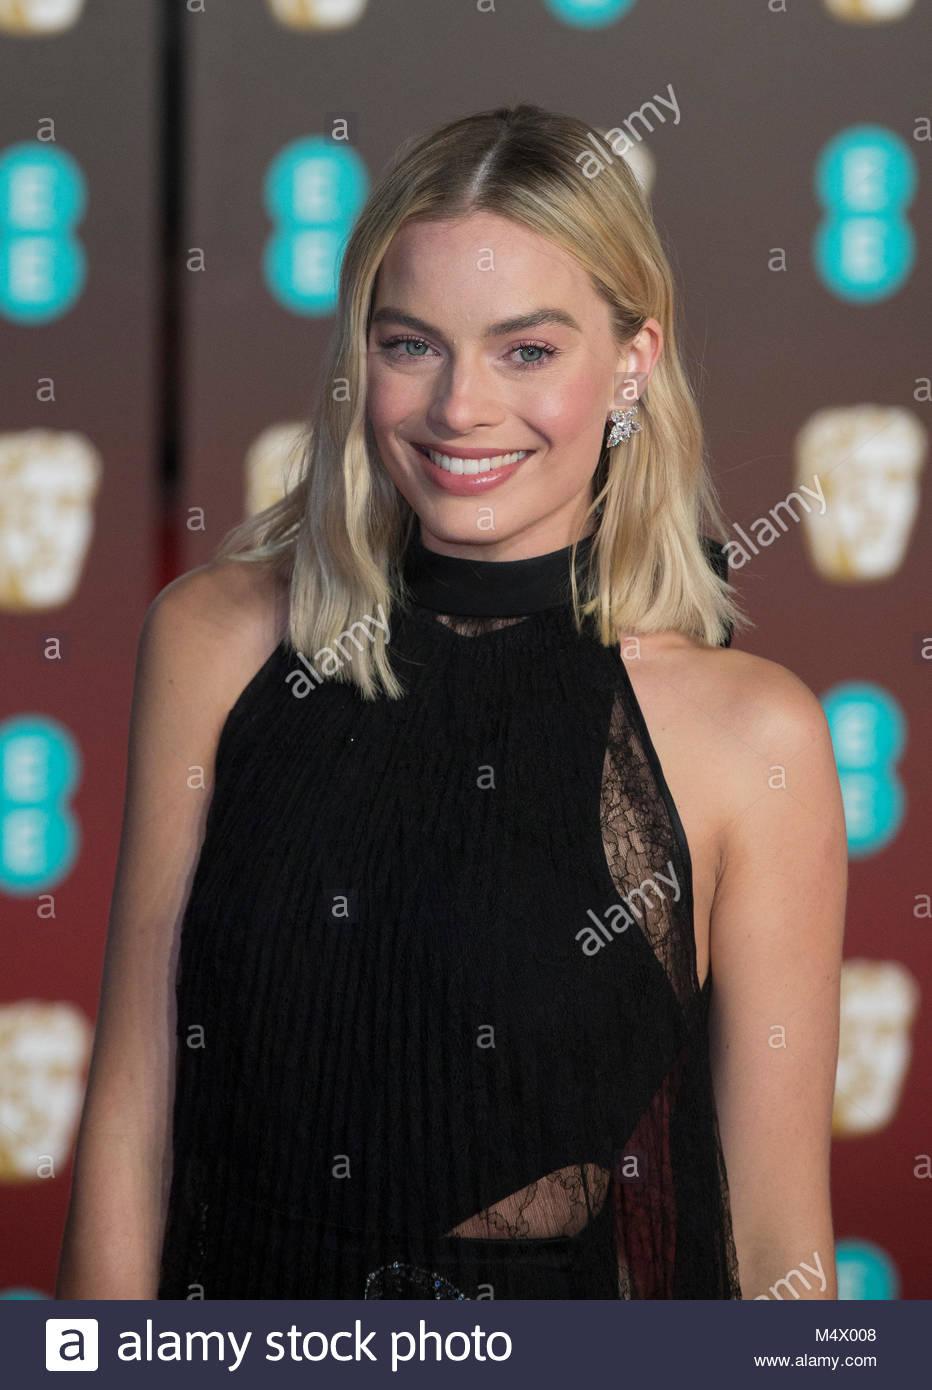 Londra, Regno Unito. 18 feb 2018. Margot Robbie presso il BAFTA cerimonia di premiazione sono tenuti presso la Royal Foto Stock